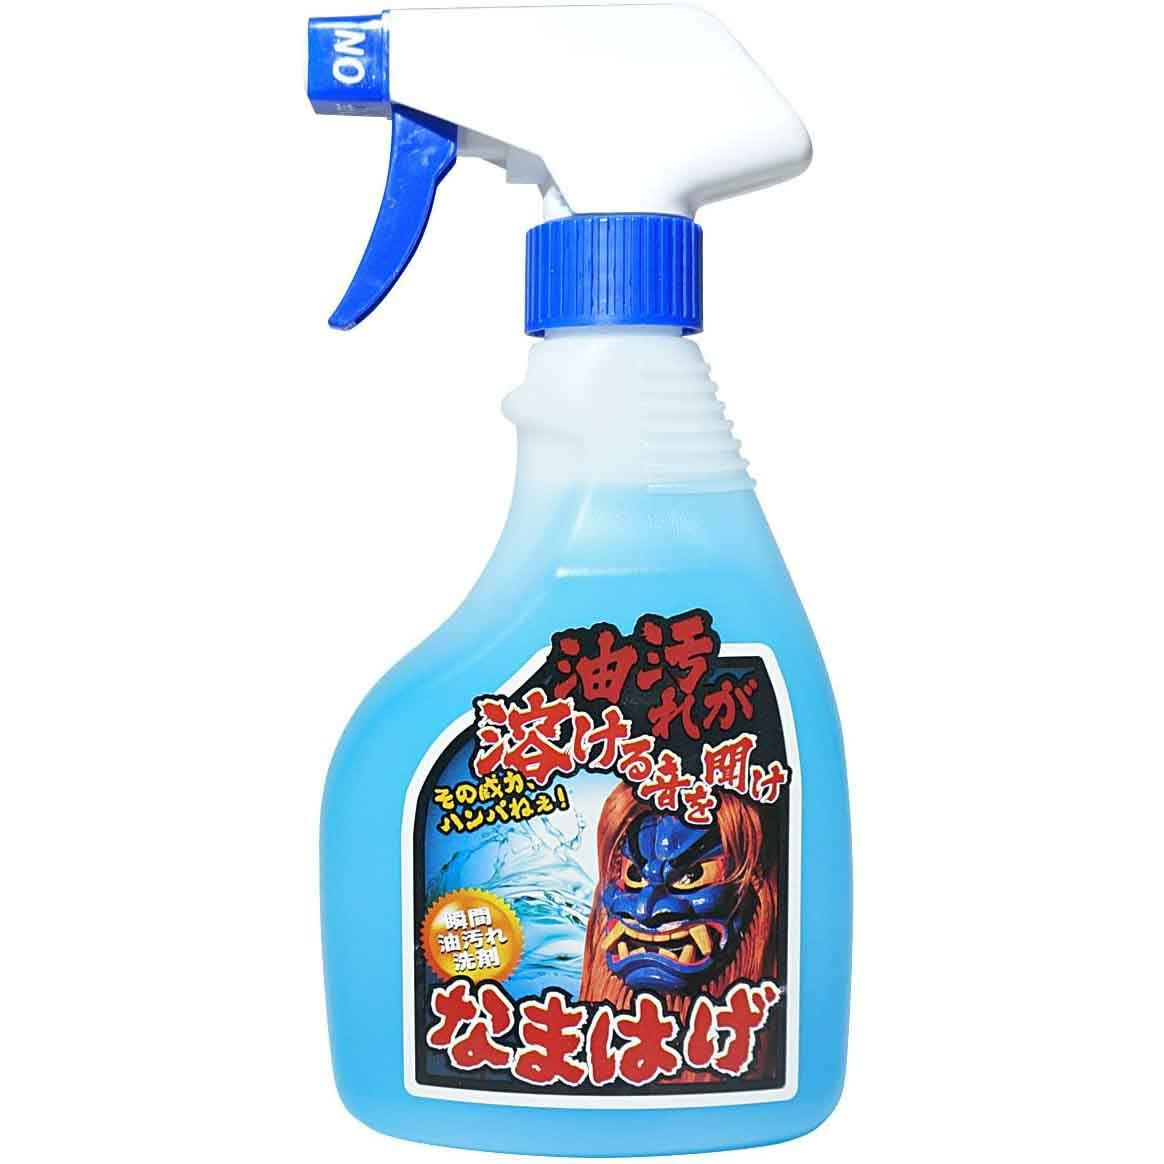 きれい研究所 茂木和哉の瞬間 油汚れ洗剤「なまはげ 」